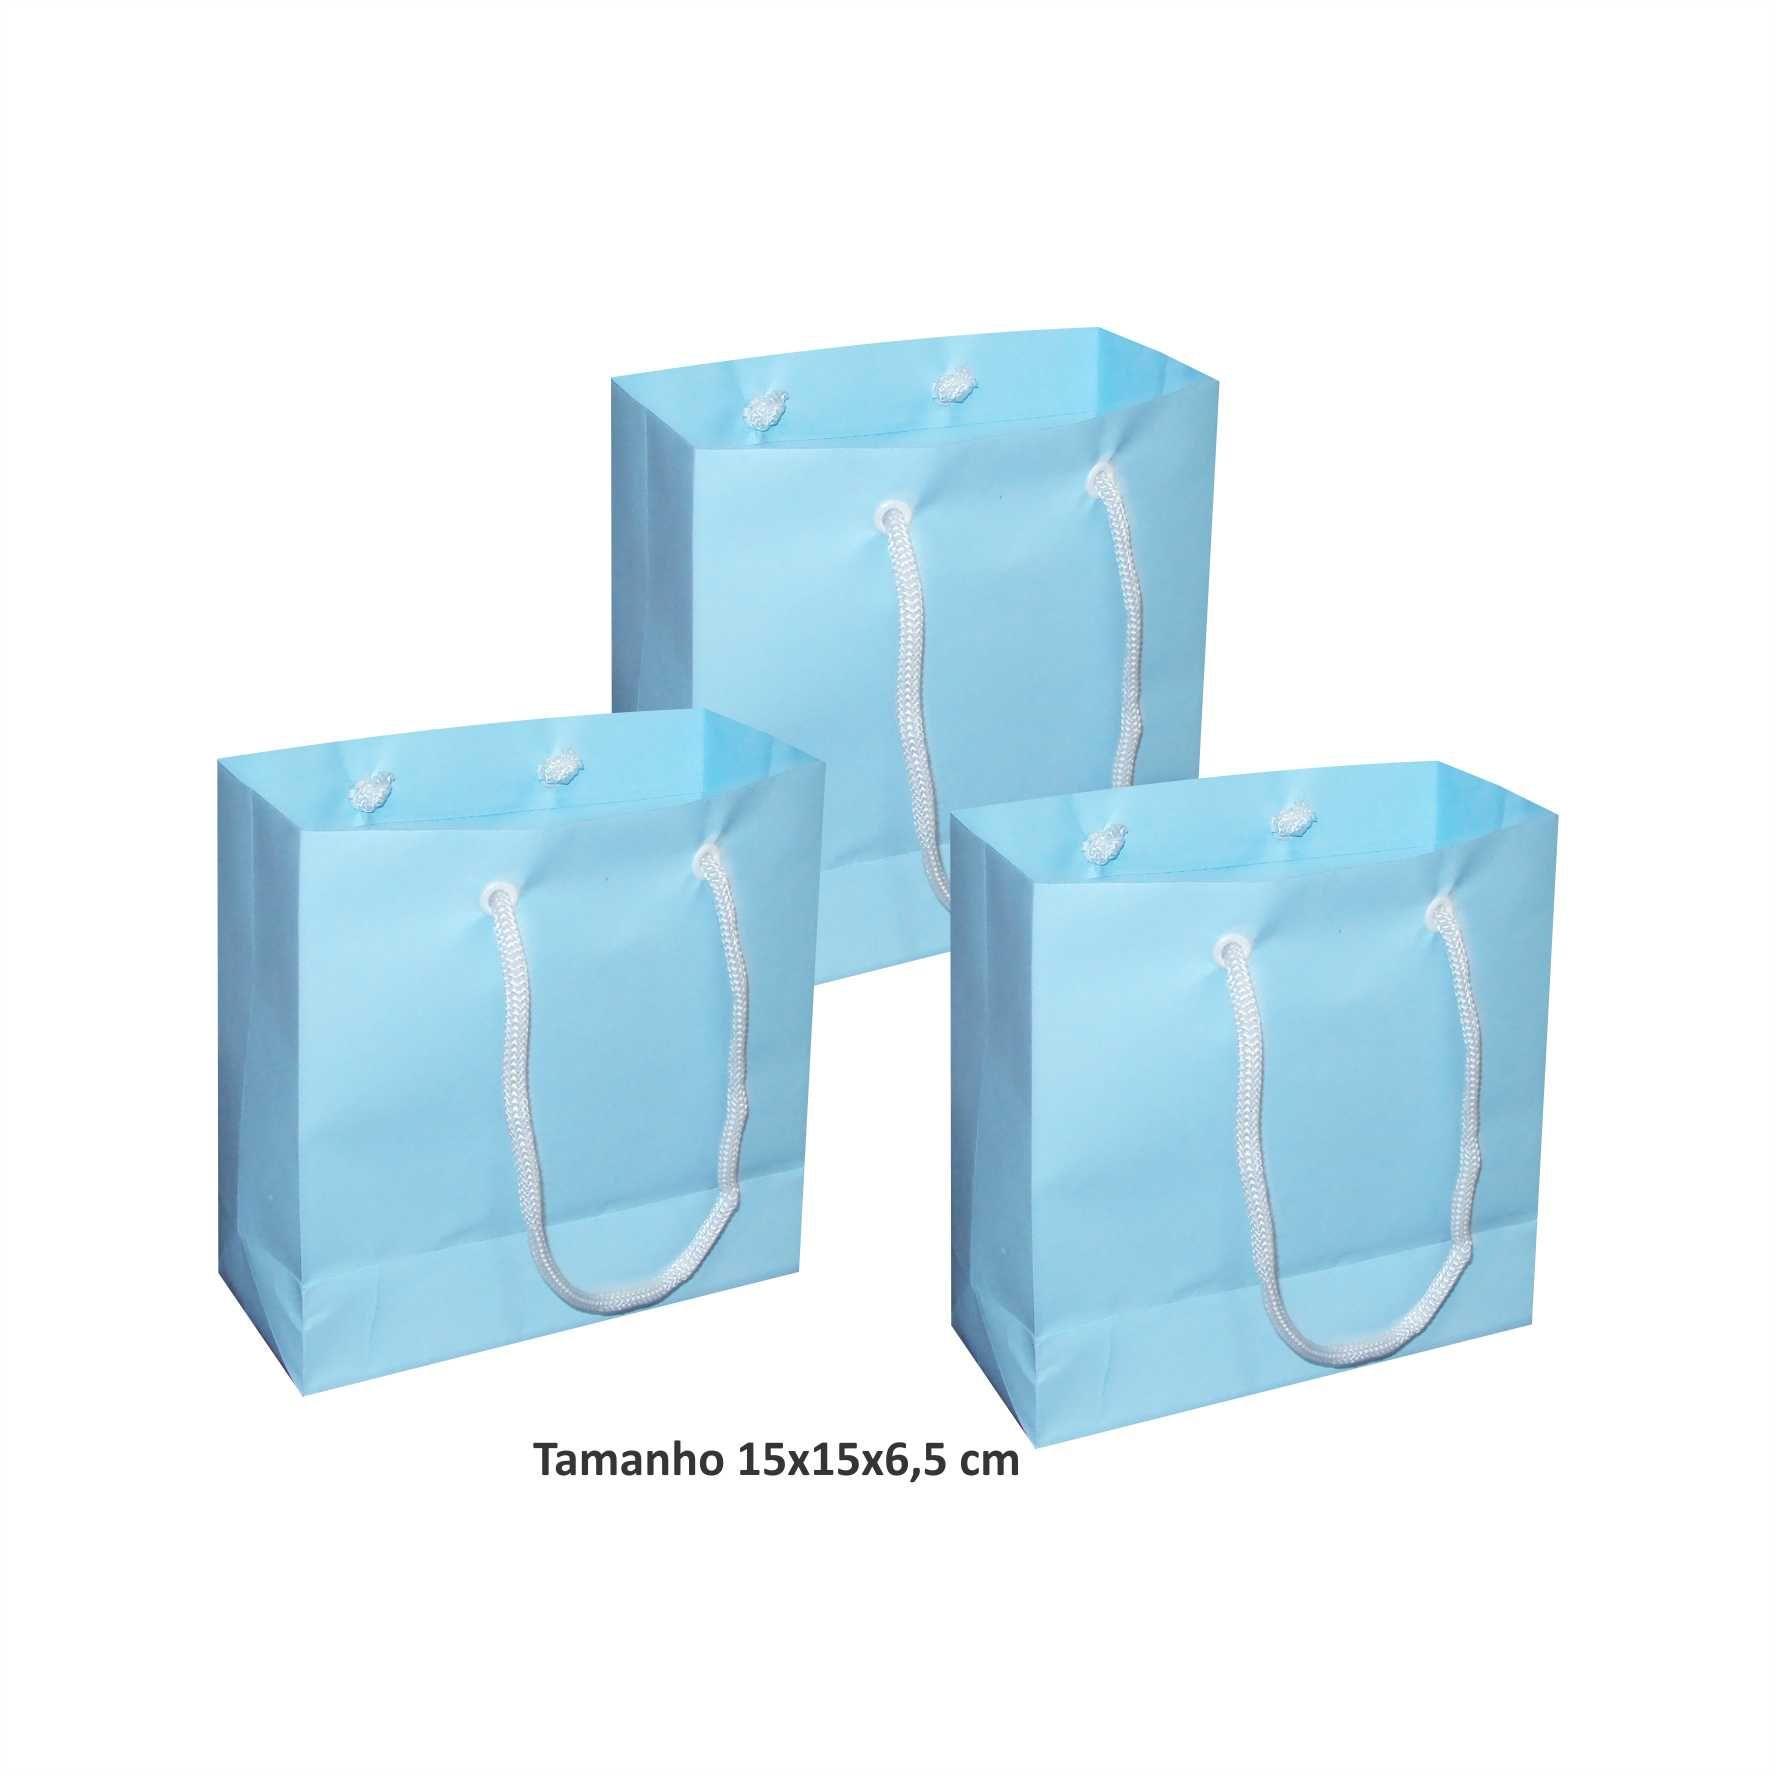 Sacola de papel Pequena (15x15x6,5 cm) azul bebê - 10 unidades